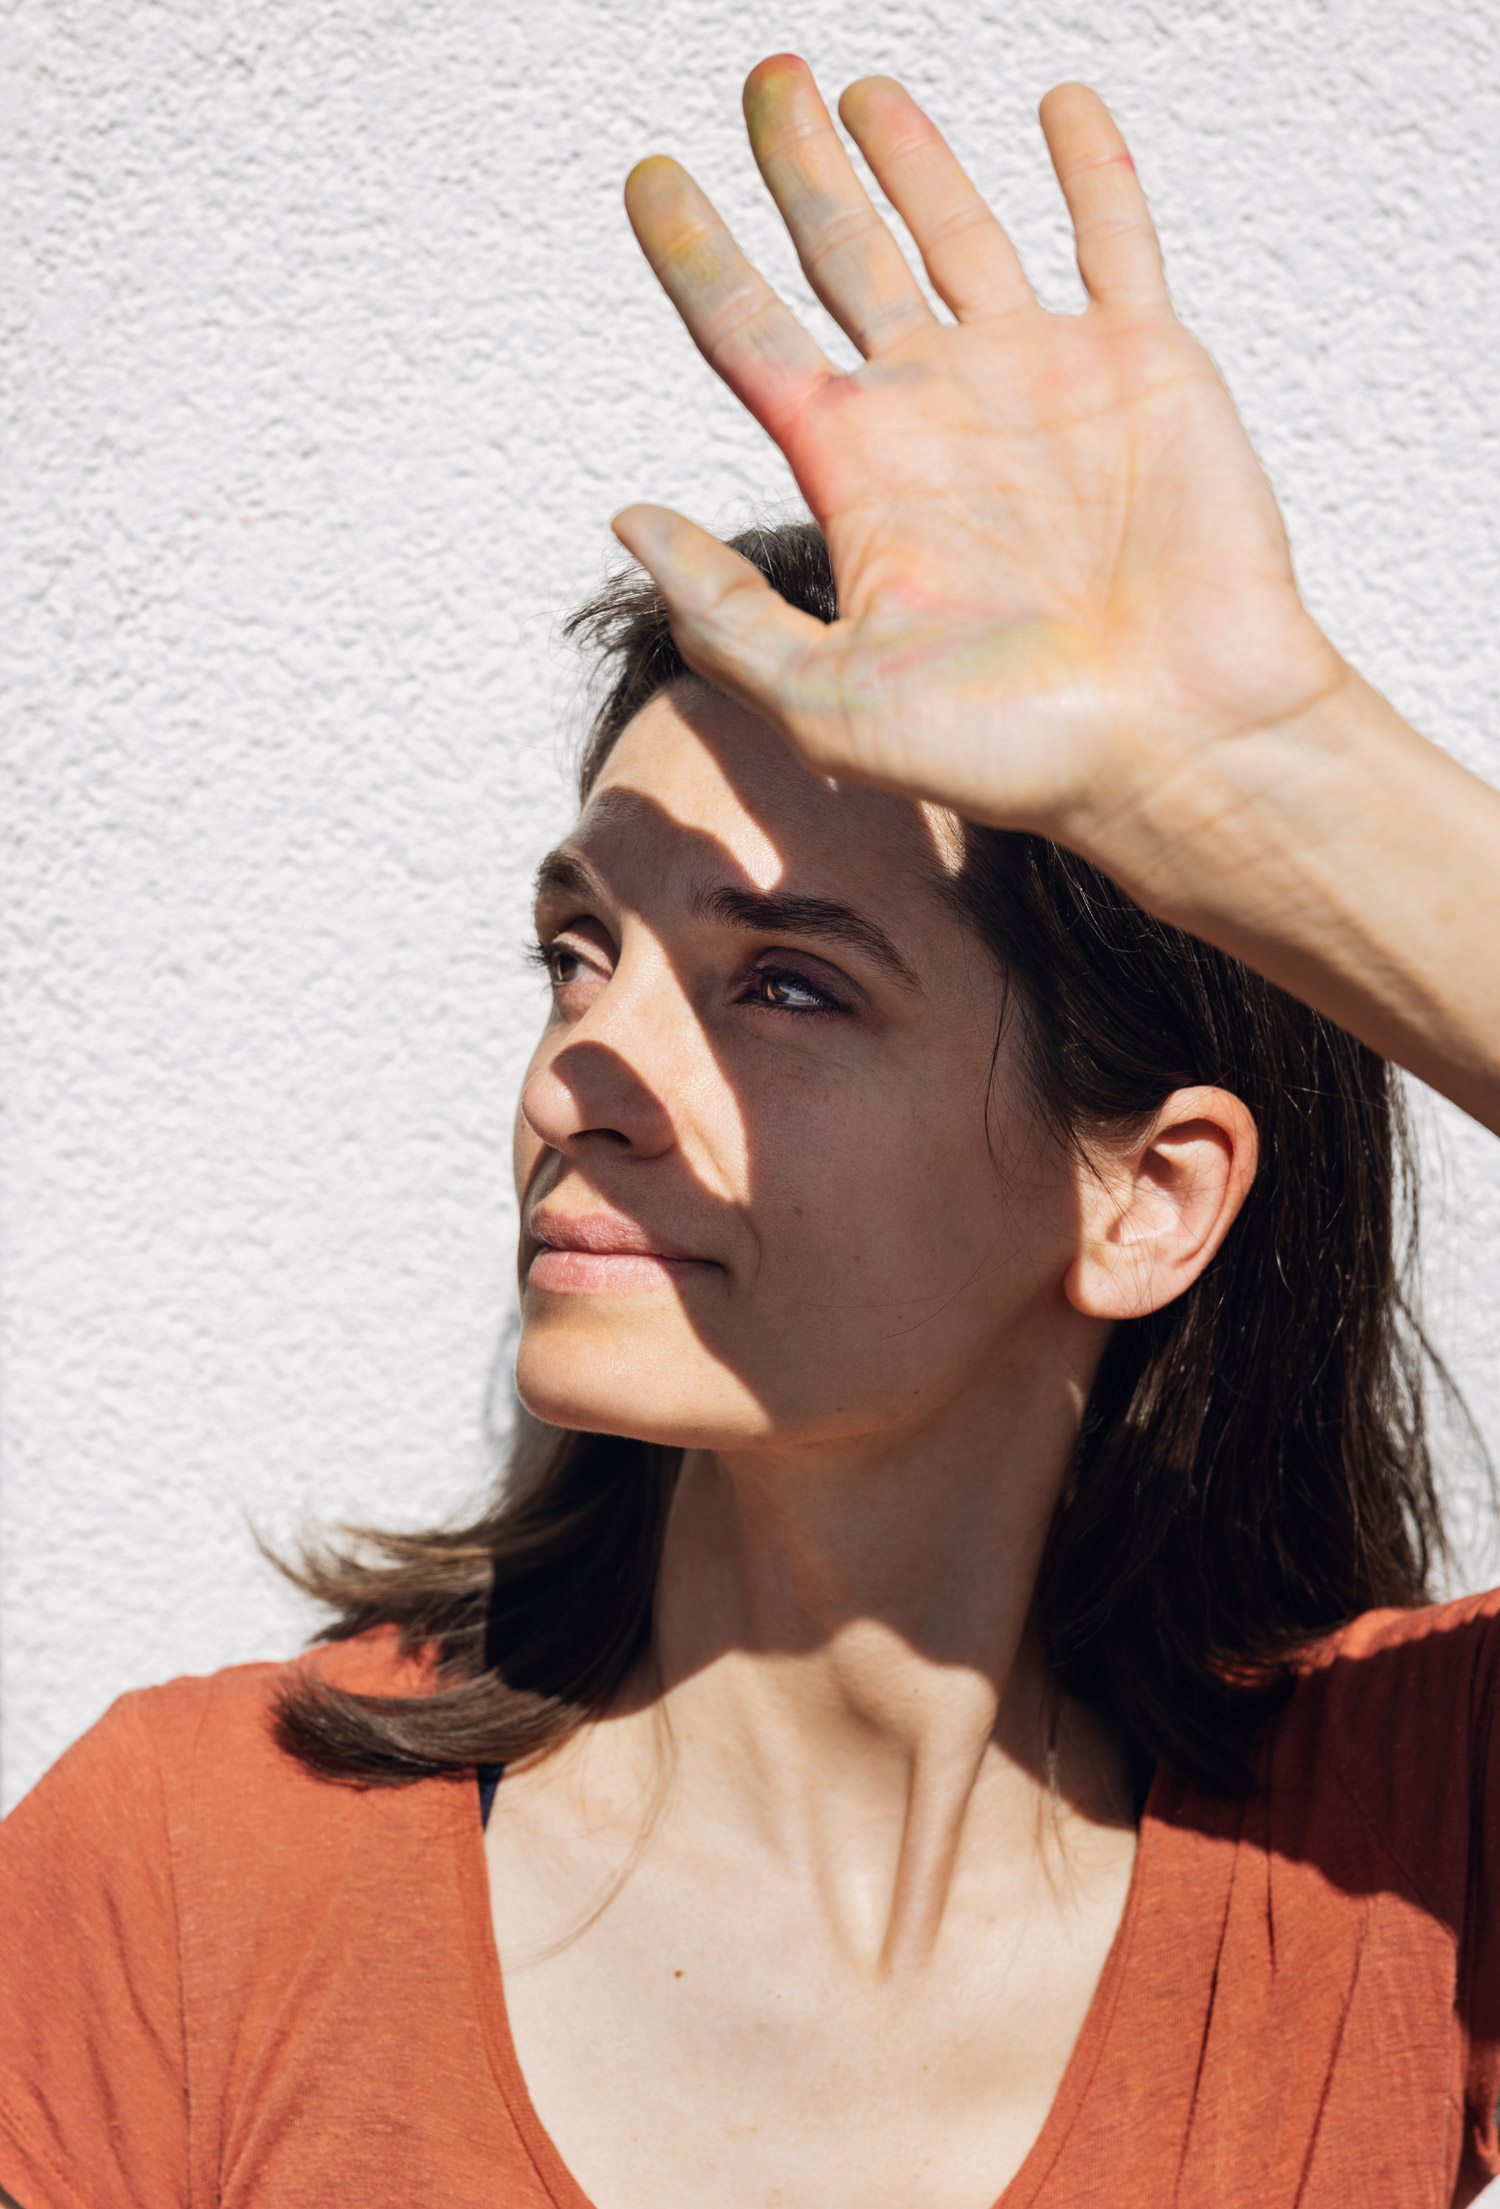 karlie-jacqueline-mertz-4.jpg